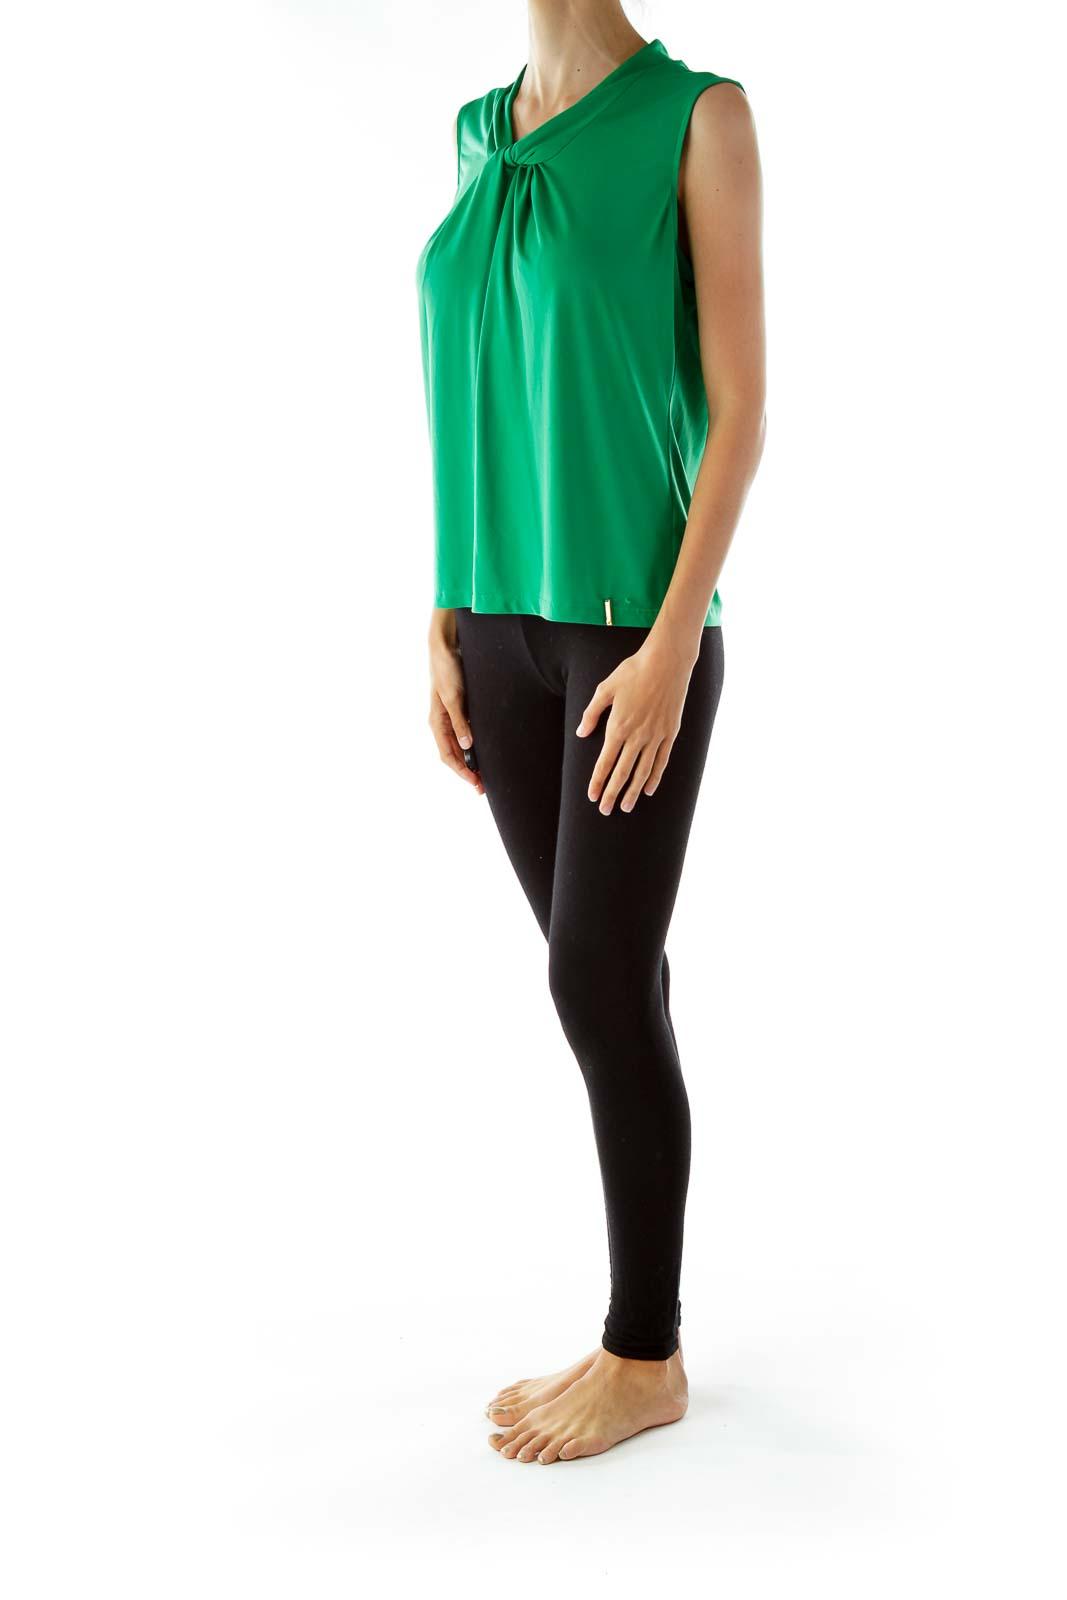 Green Sleeveless V-neck Blouse